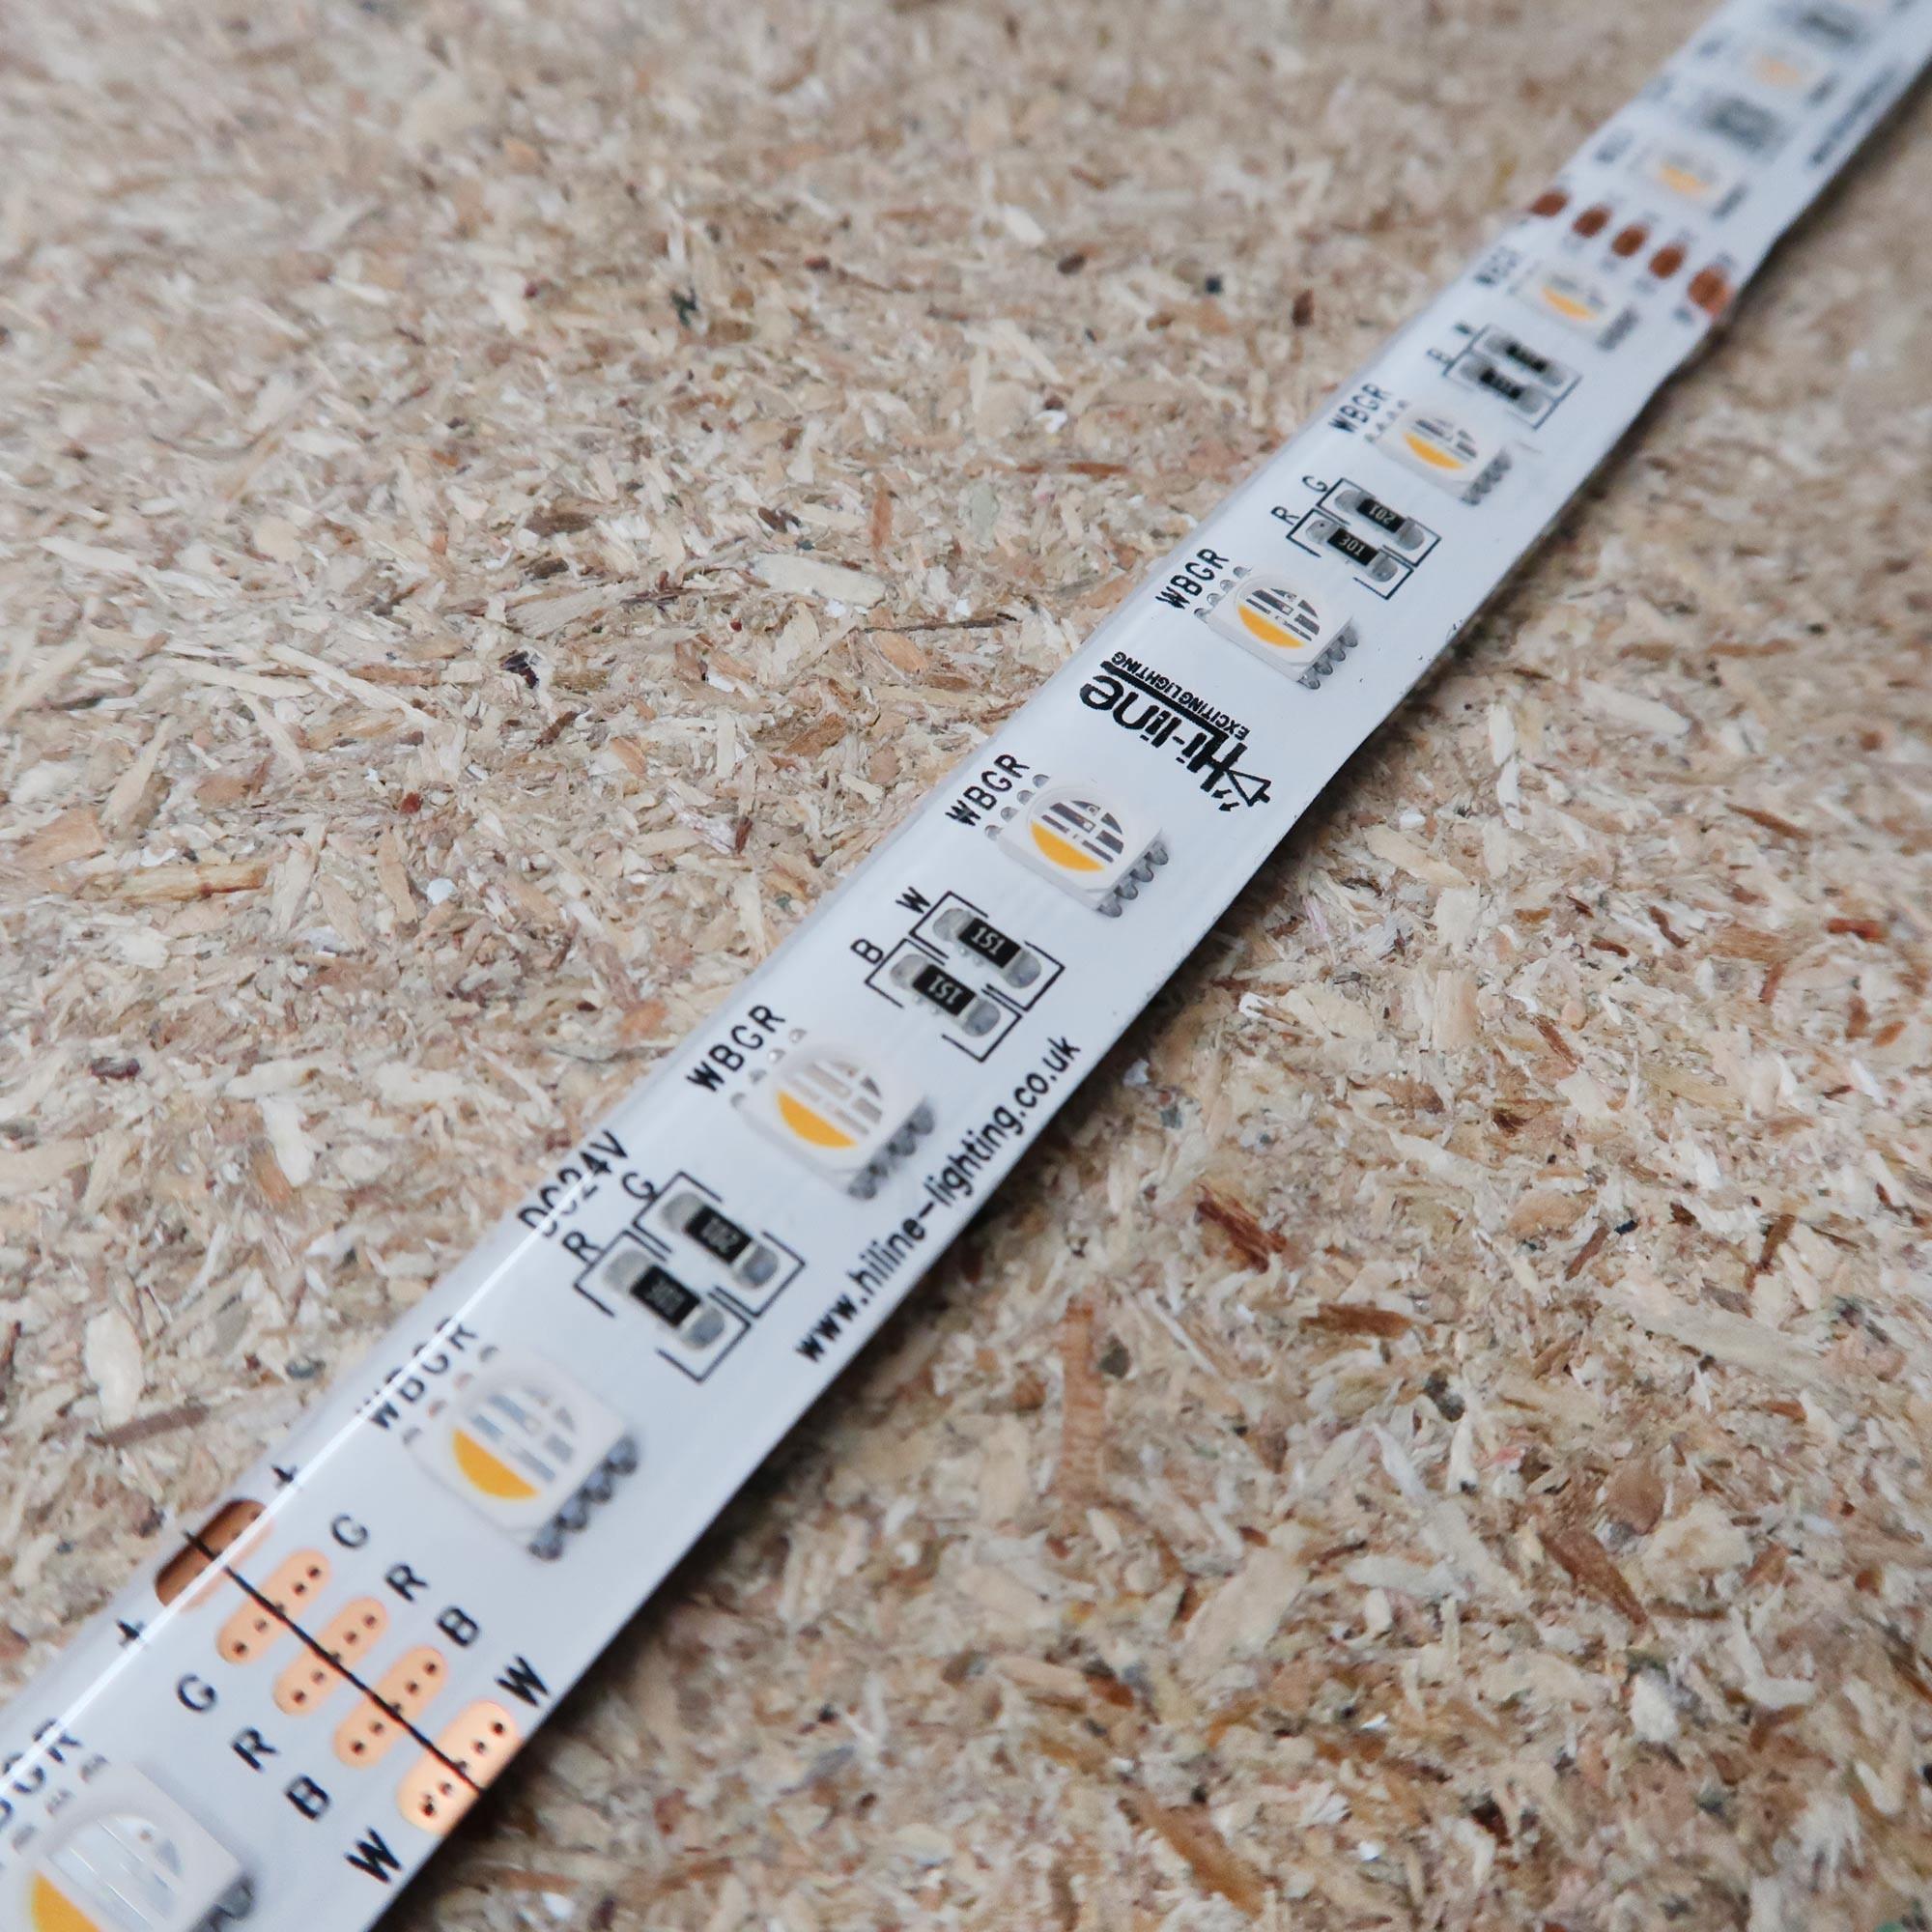 strip light led lights product ledstripslights strips flexible trent tape